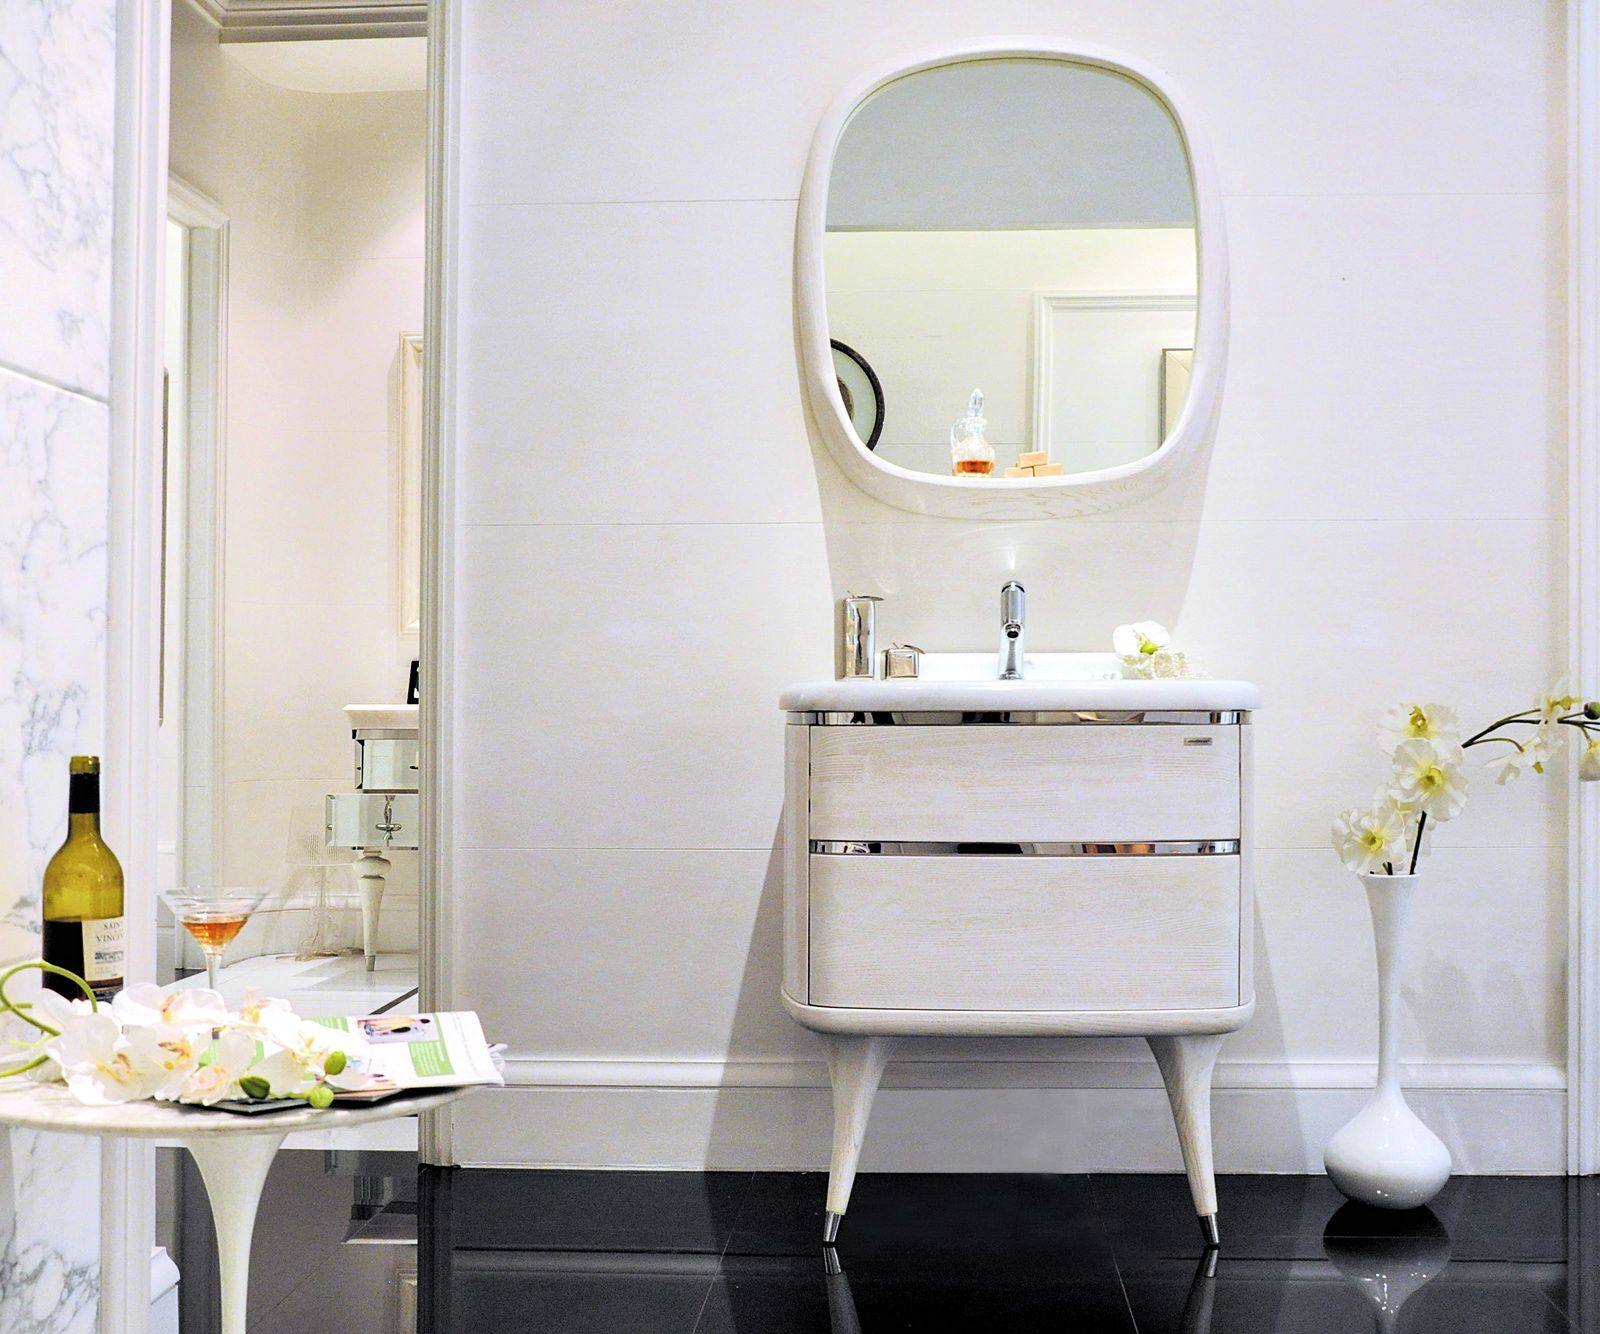 ADMC Bathroom Vanity Y-13, Smaller design, suitable for your small ...